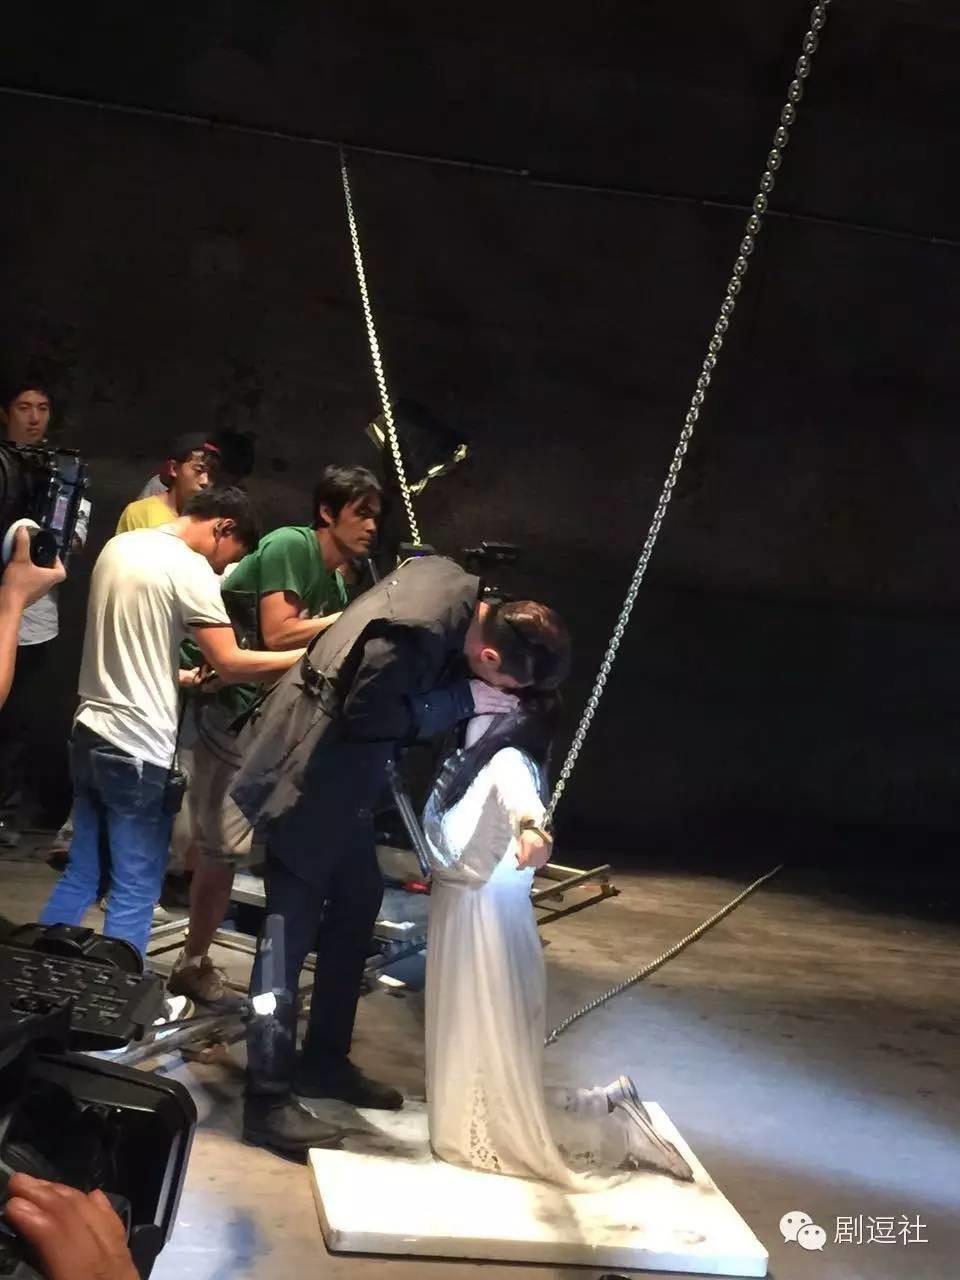 Su that khong nhu mo dang sau nhung canh nong trong phim Trung Quoc hinh anh 7